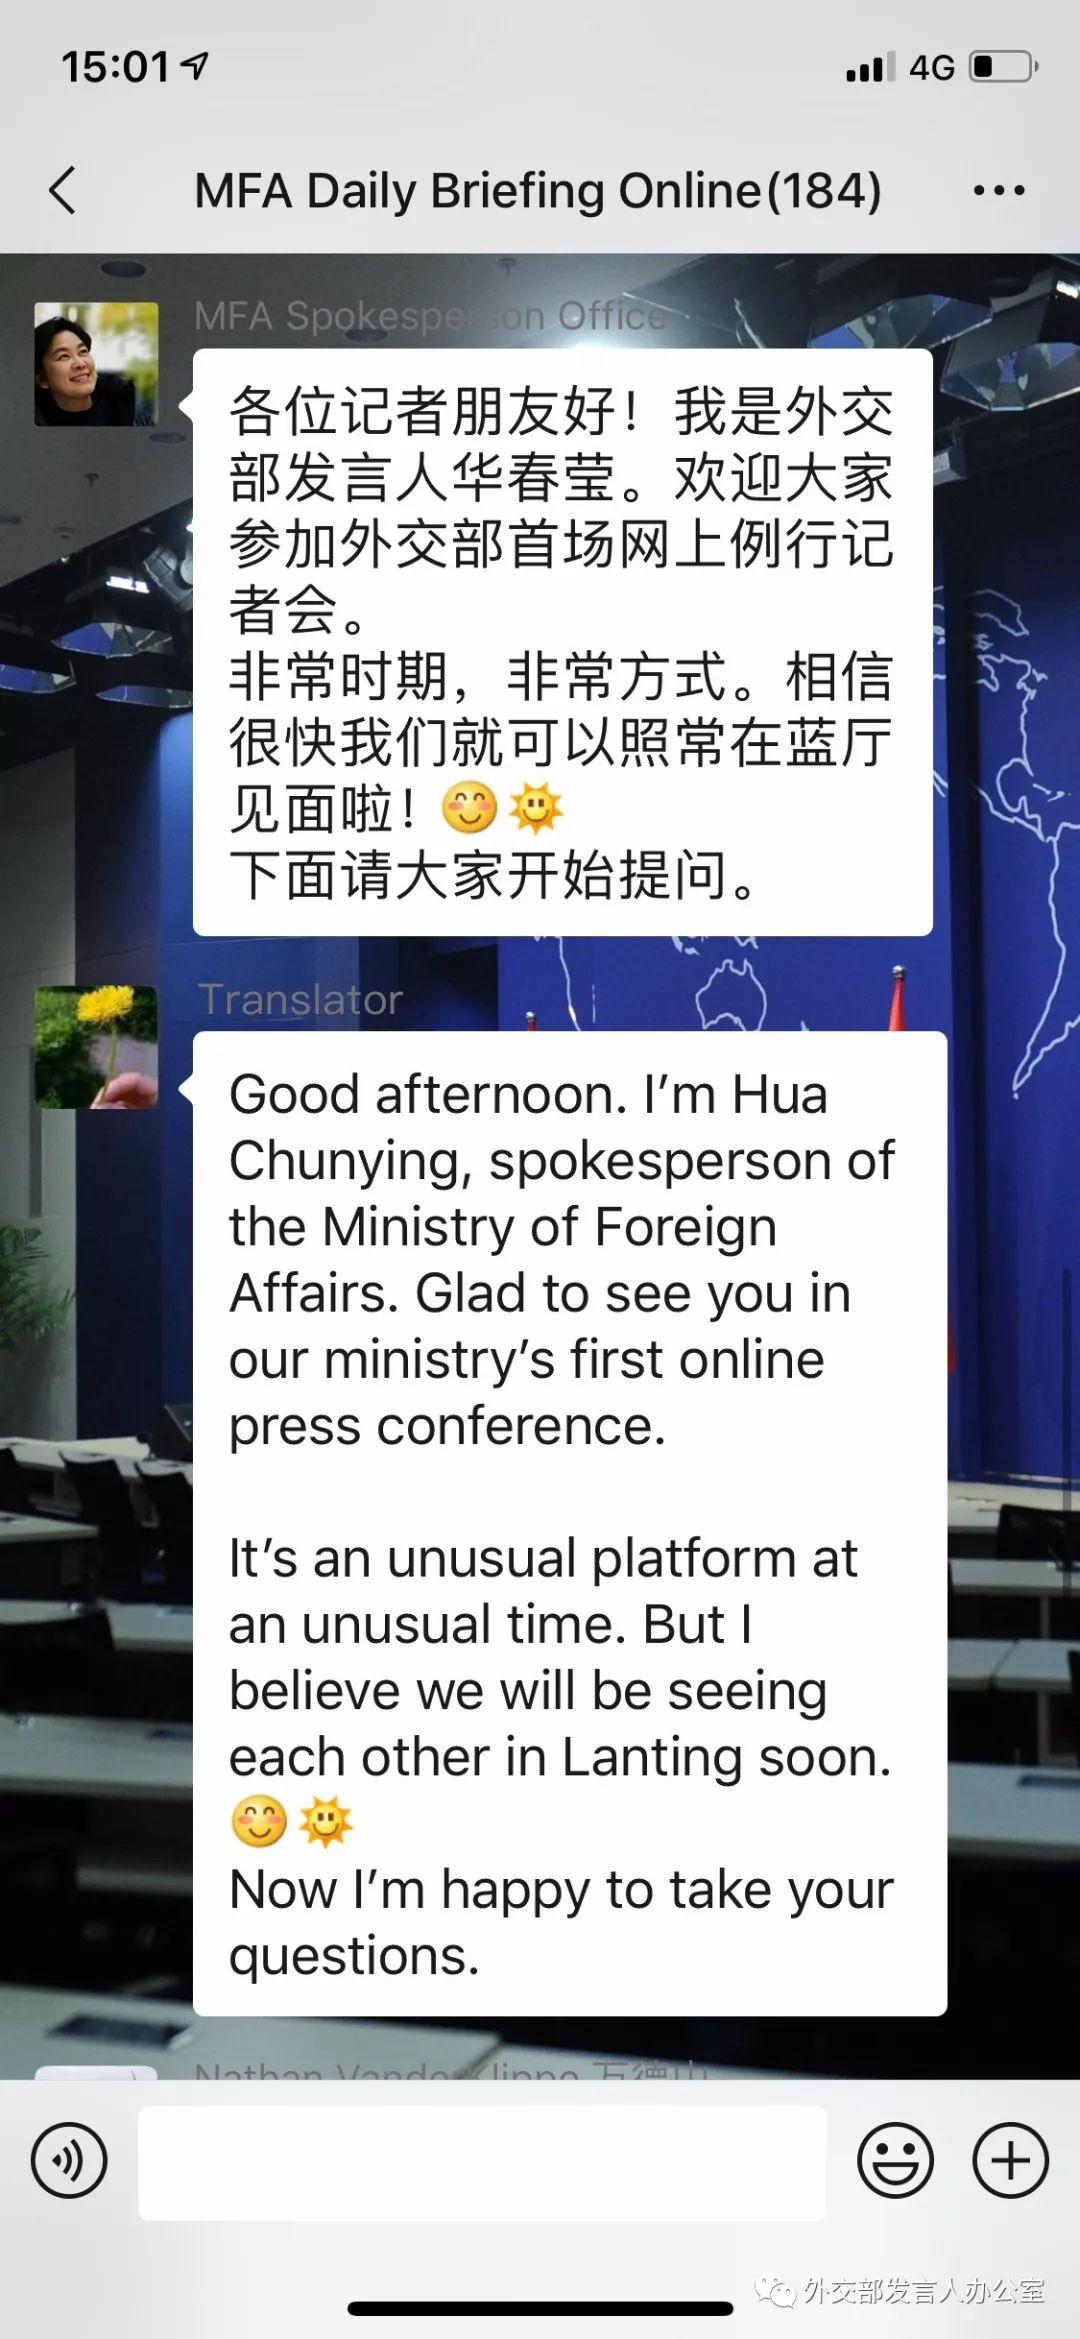 外交部首场网上例行记者会举行啦!图片